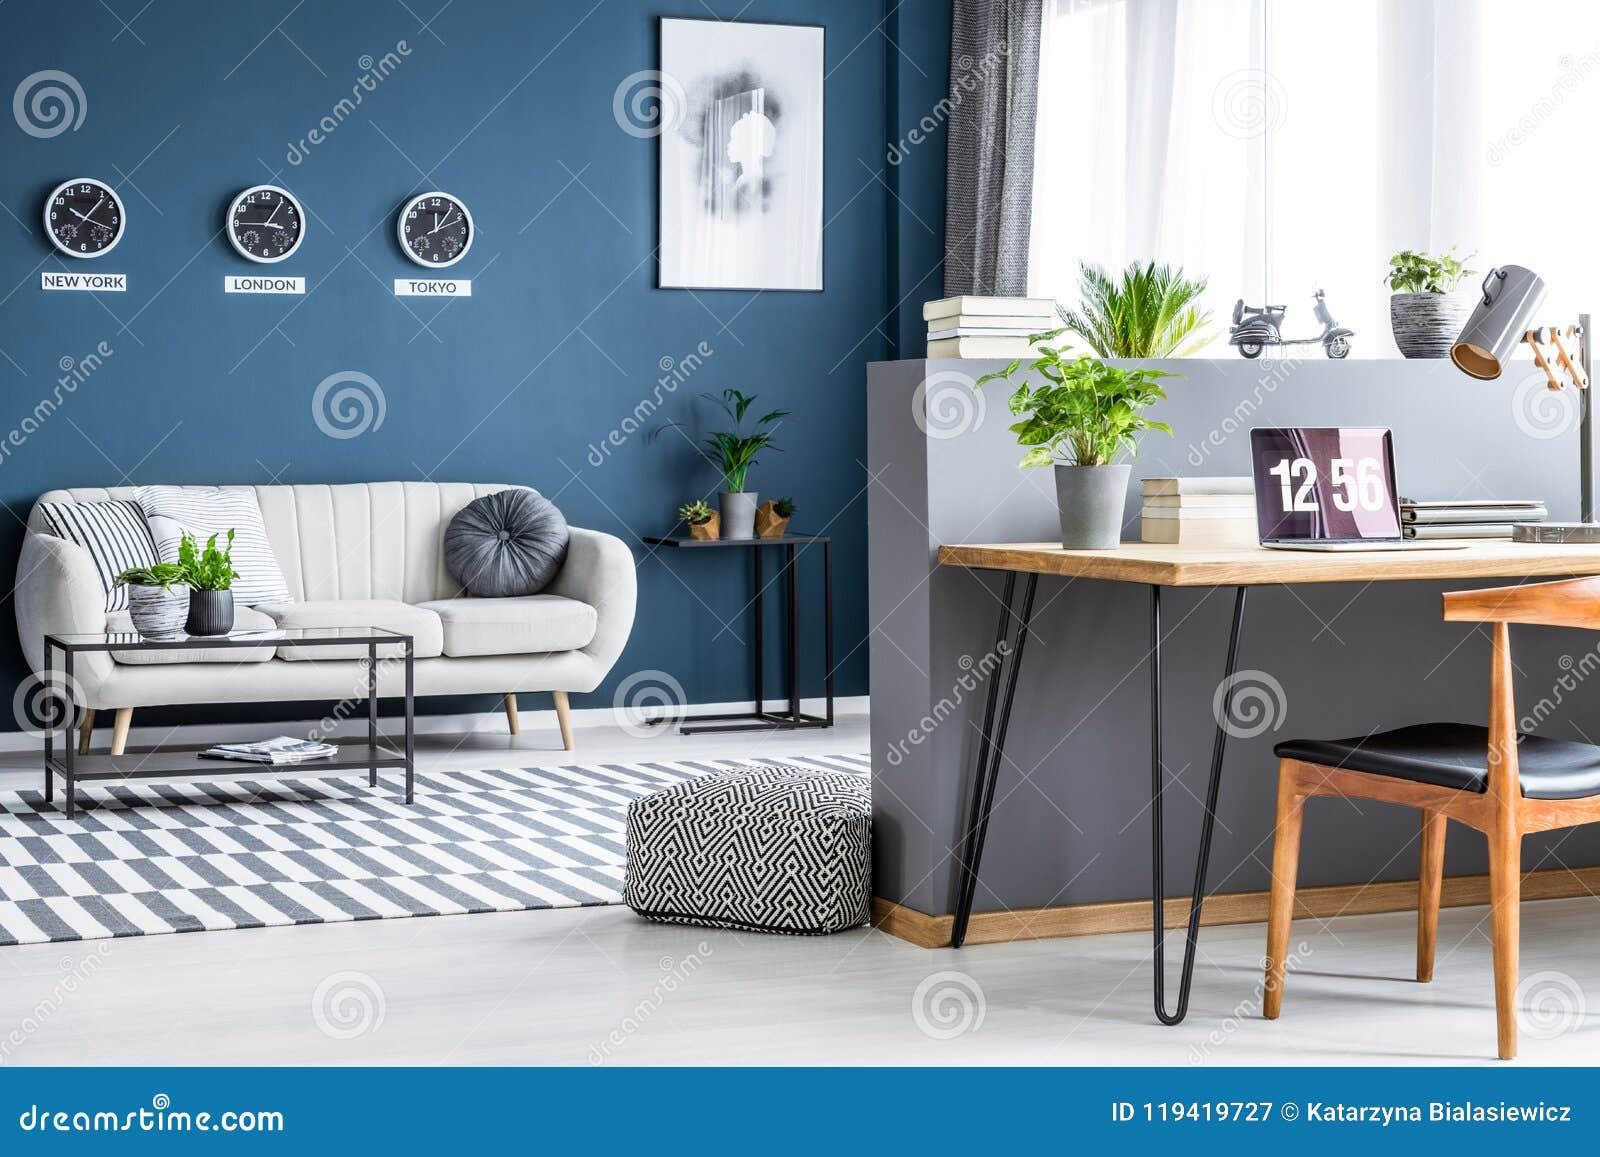 Zmrok - błękitny żywy izbowy wnętrze z trzy zegarami, prosty plakat,